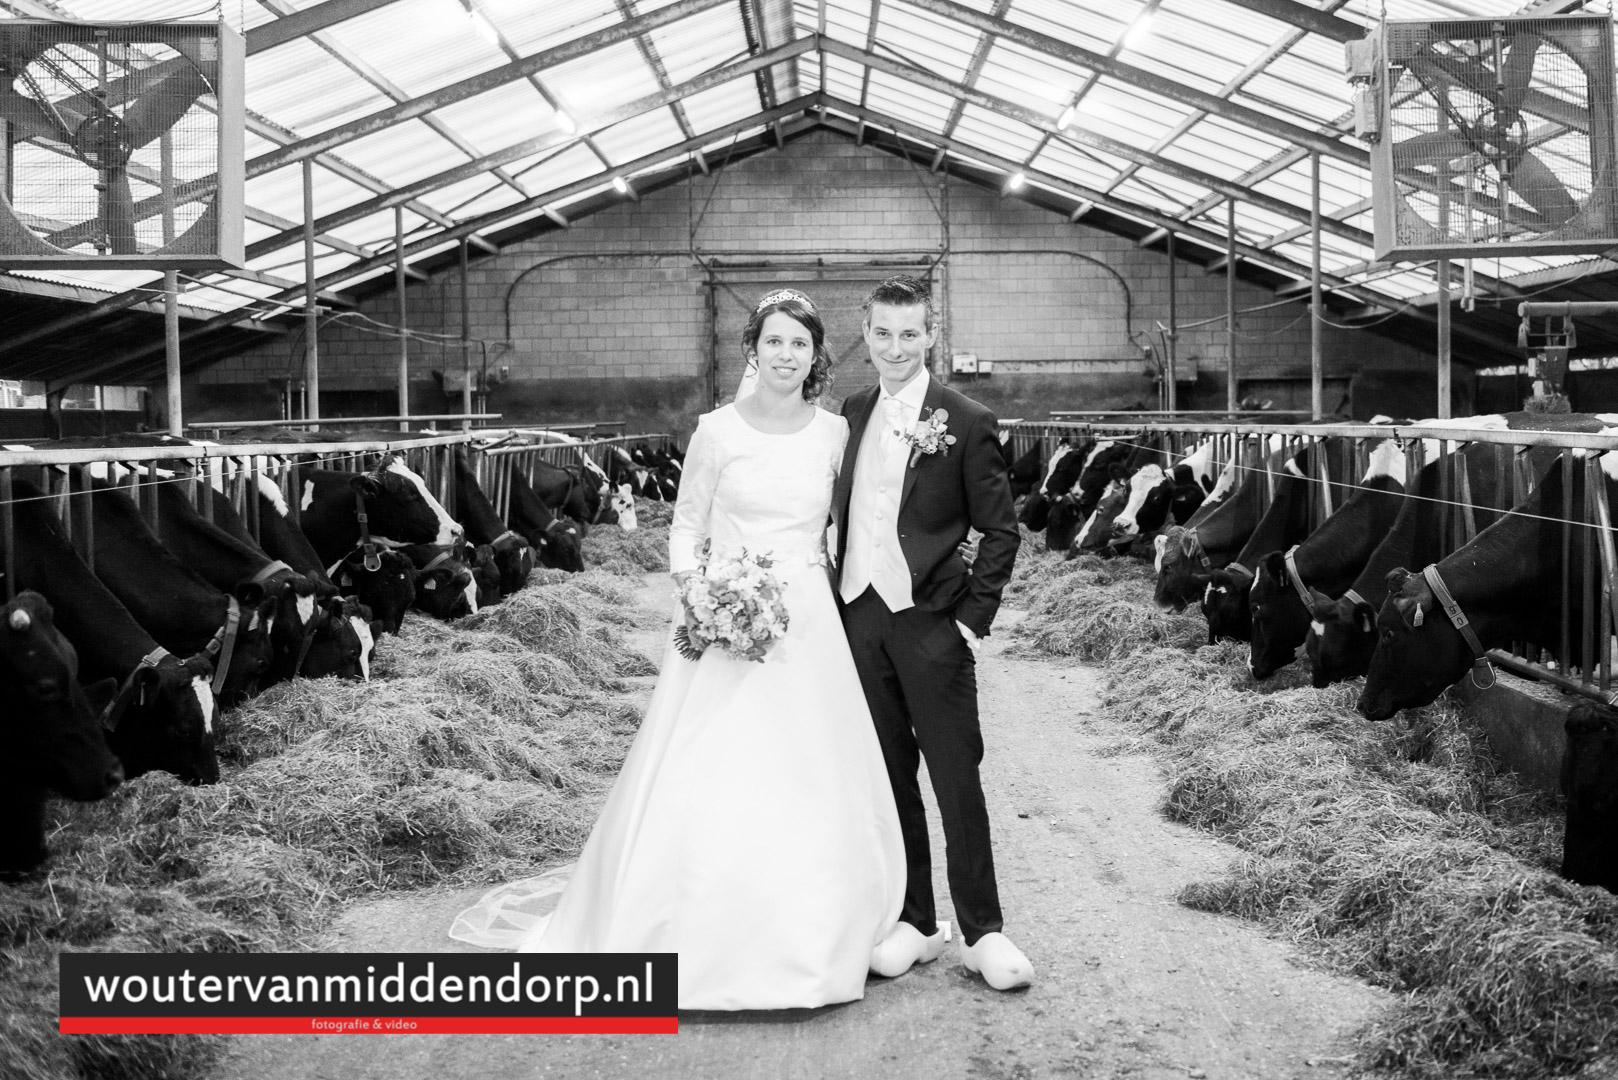 foto Wouter van Middendorp Uddel, Veluwe, Gelderland, trouwfotograaf (12)